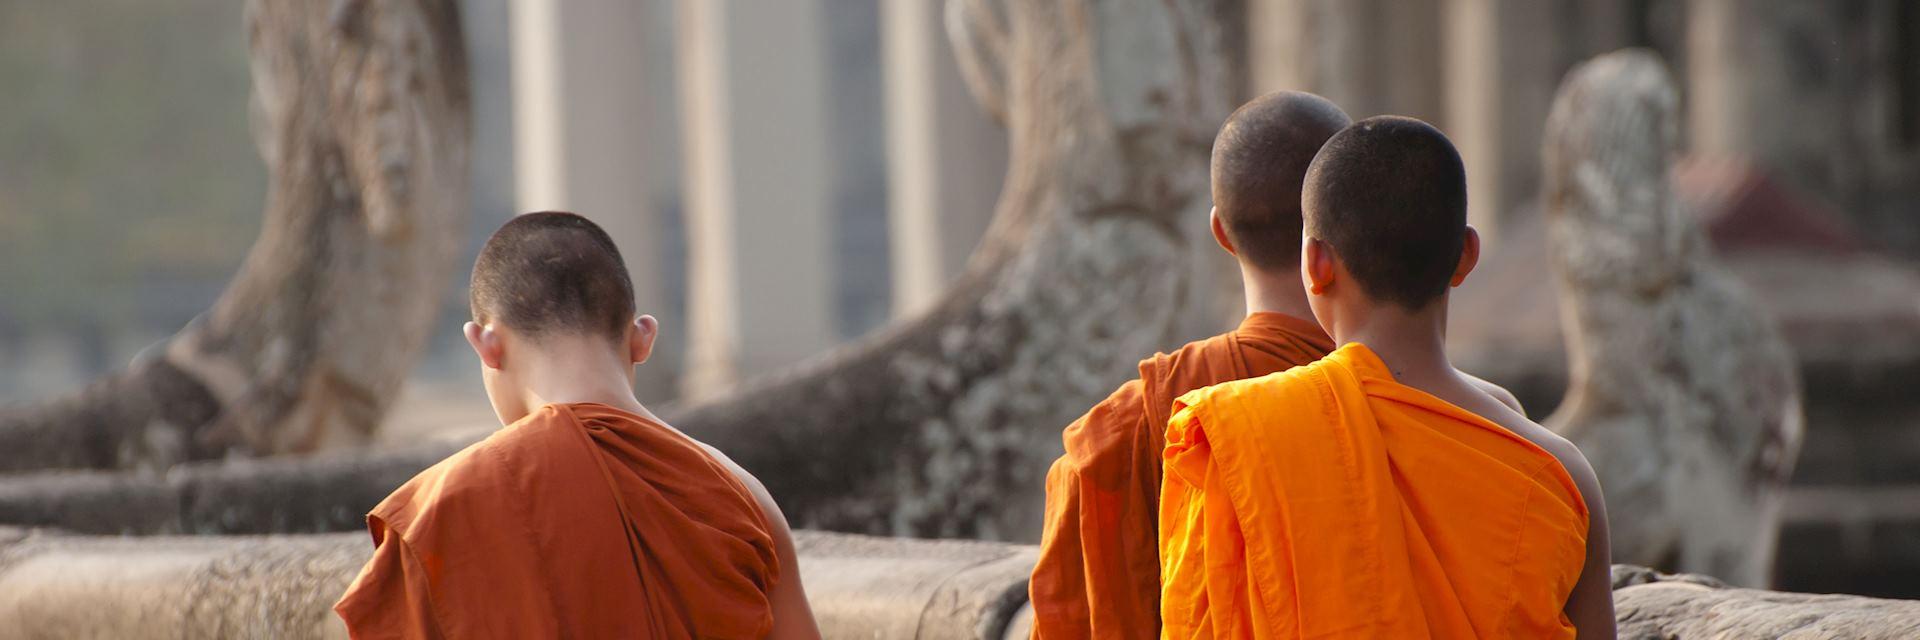 Monks, Angkor Wat